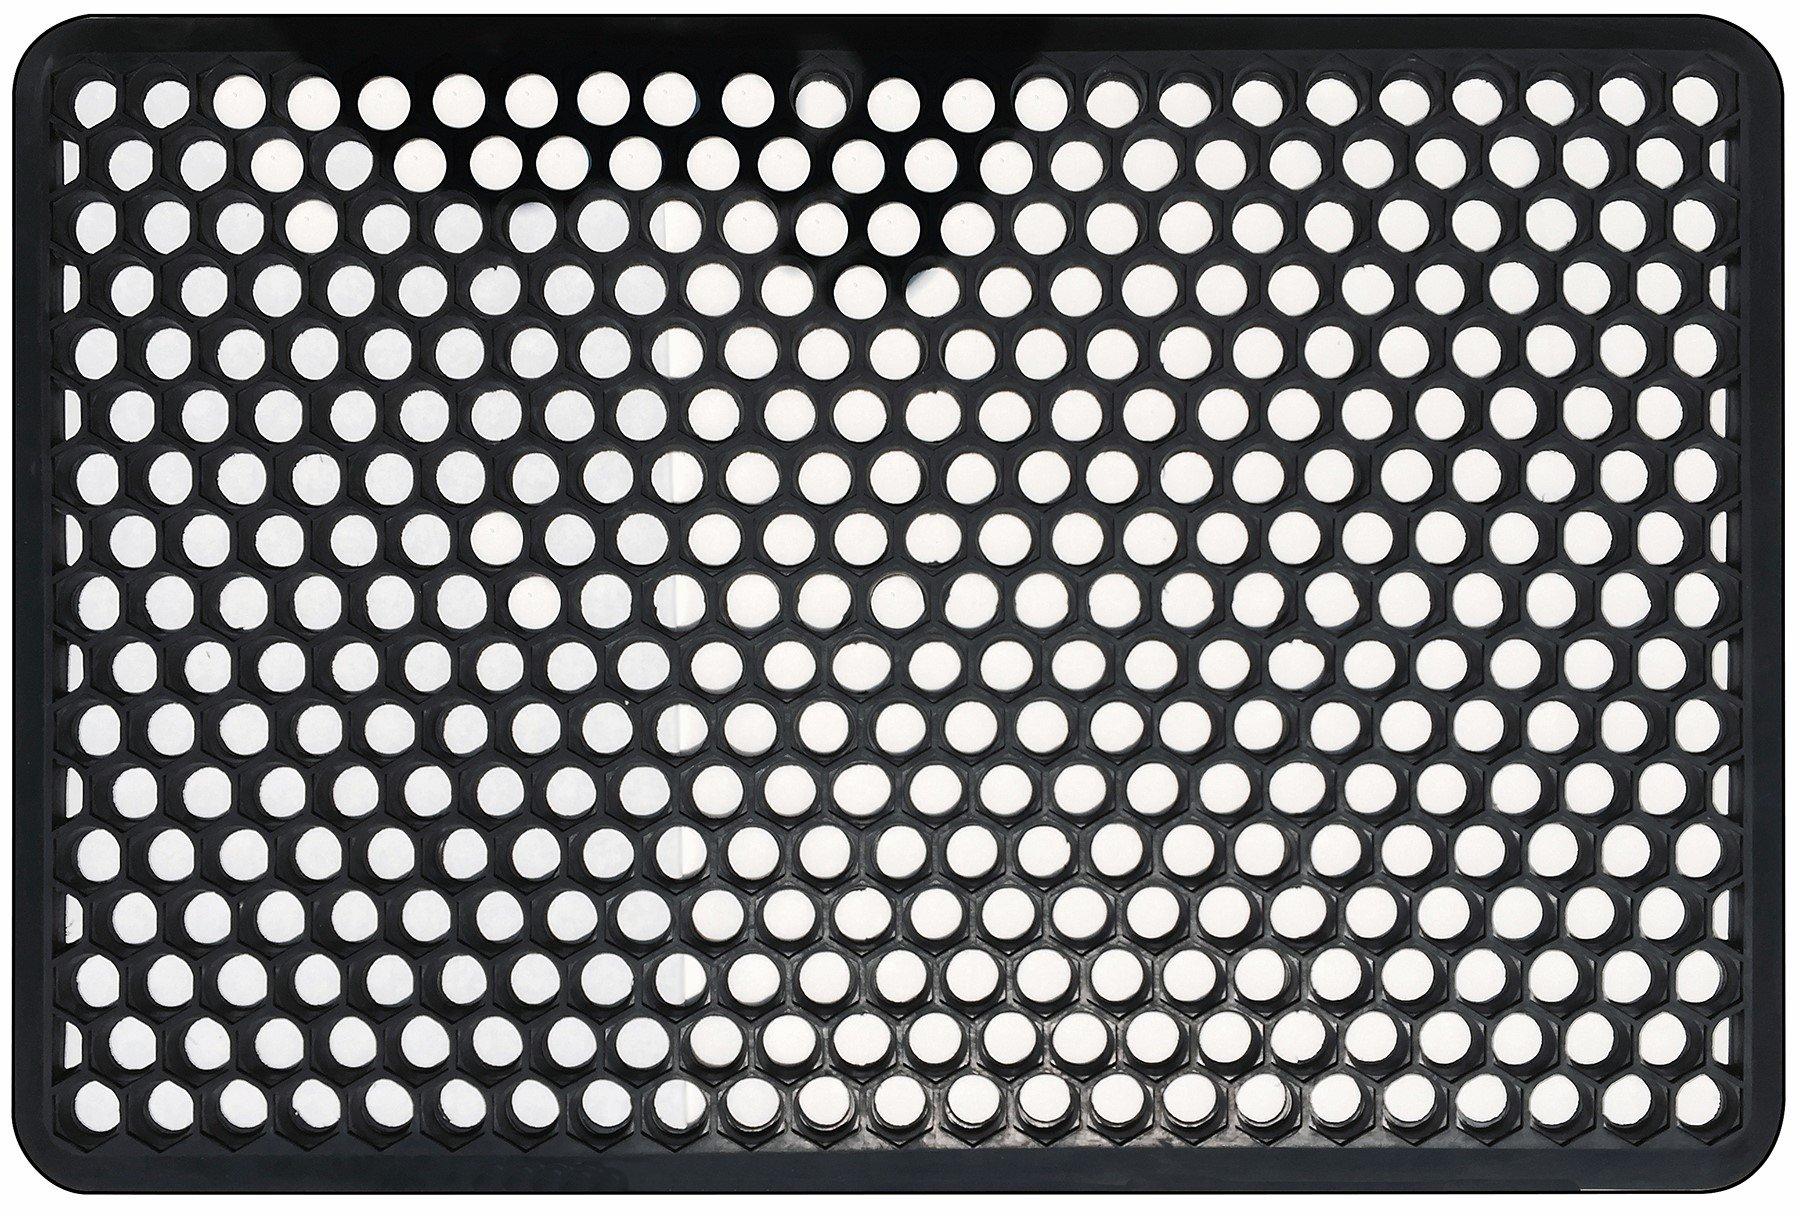 Shepherd Hardware Indoor/Outdoor Recycled Rubber Floor Mat - 22 x 34-Inches, Black